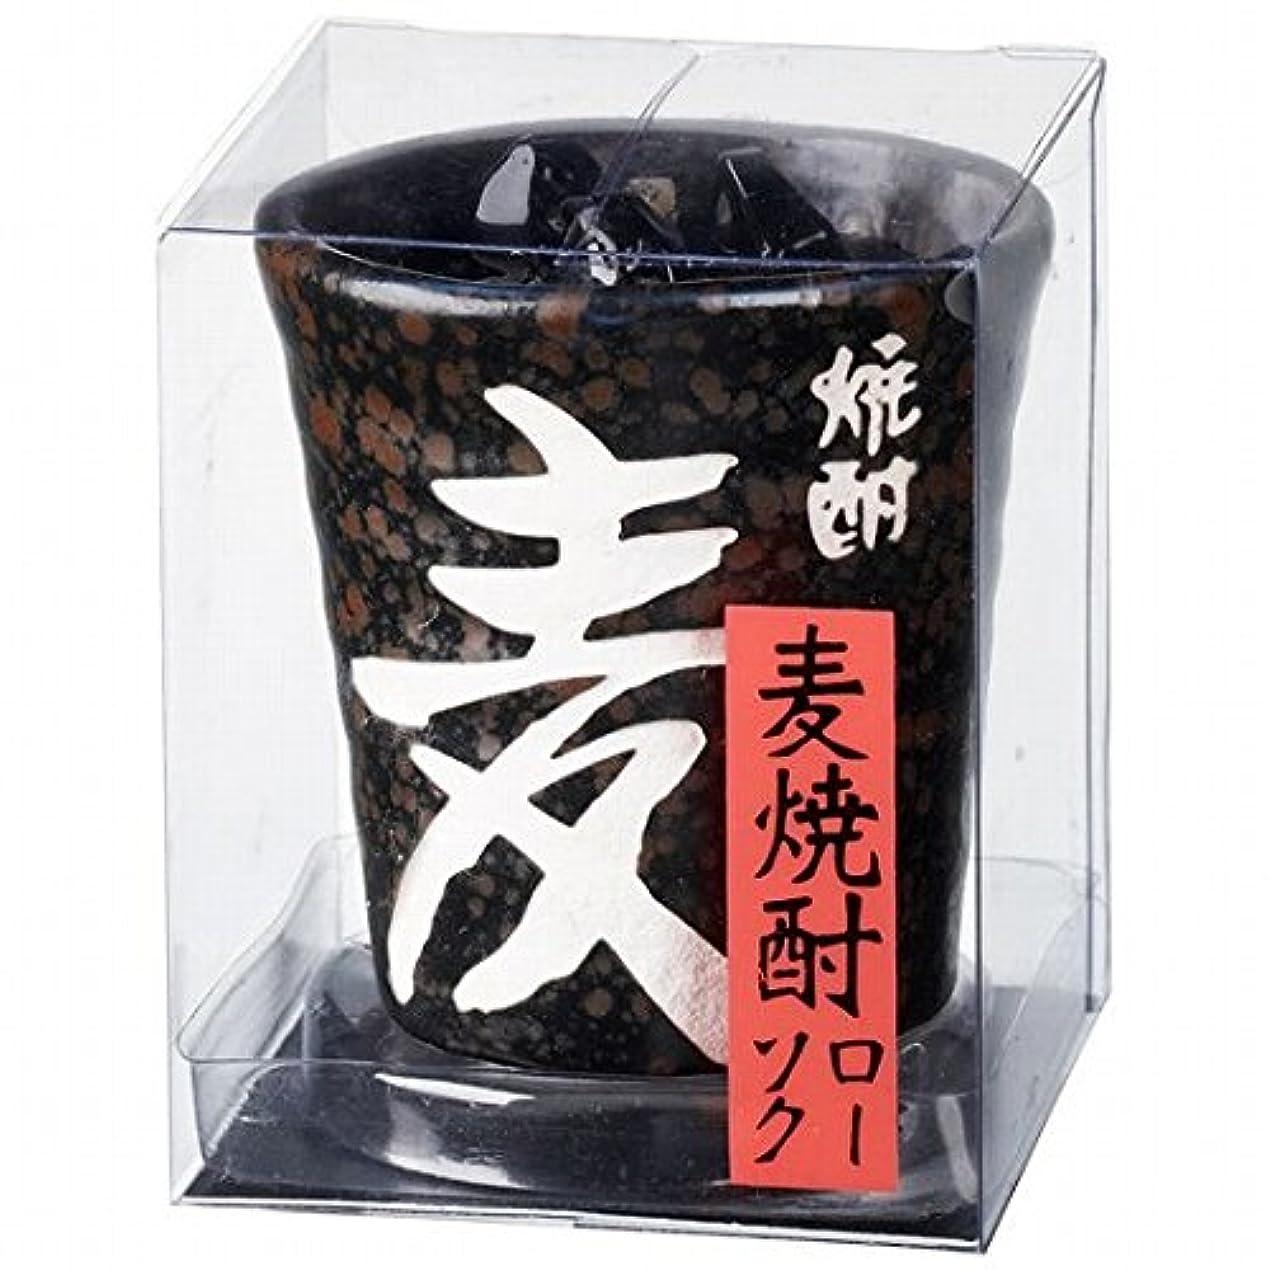 チェリー高揚した刺繍カメヤマキャンドル(kameyama candle) 麦焼酎ローソク キャンドル